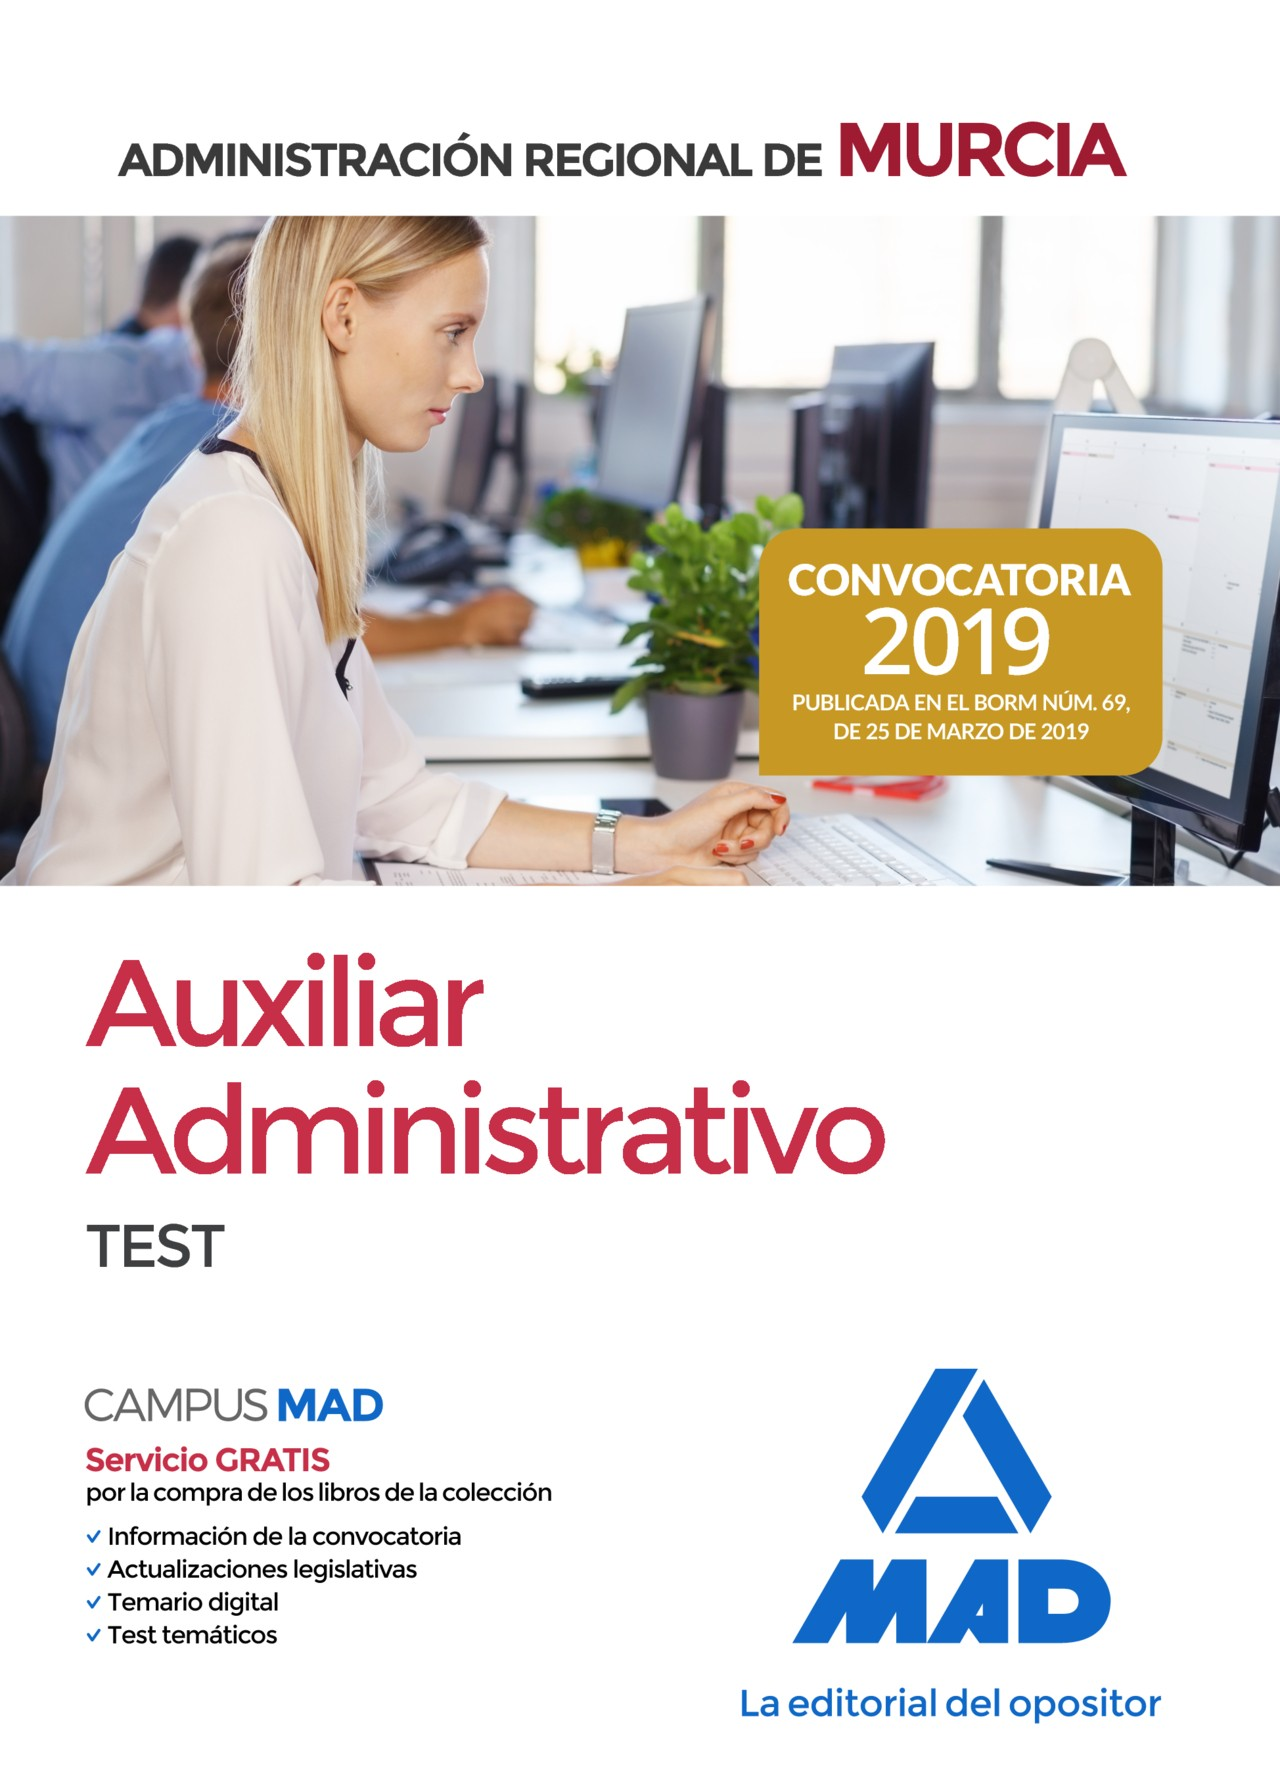 Auxiliar Administrativo de la Administración Regional de Murcia